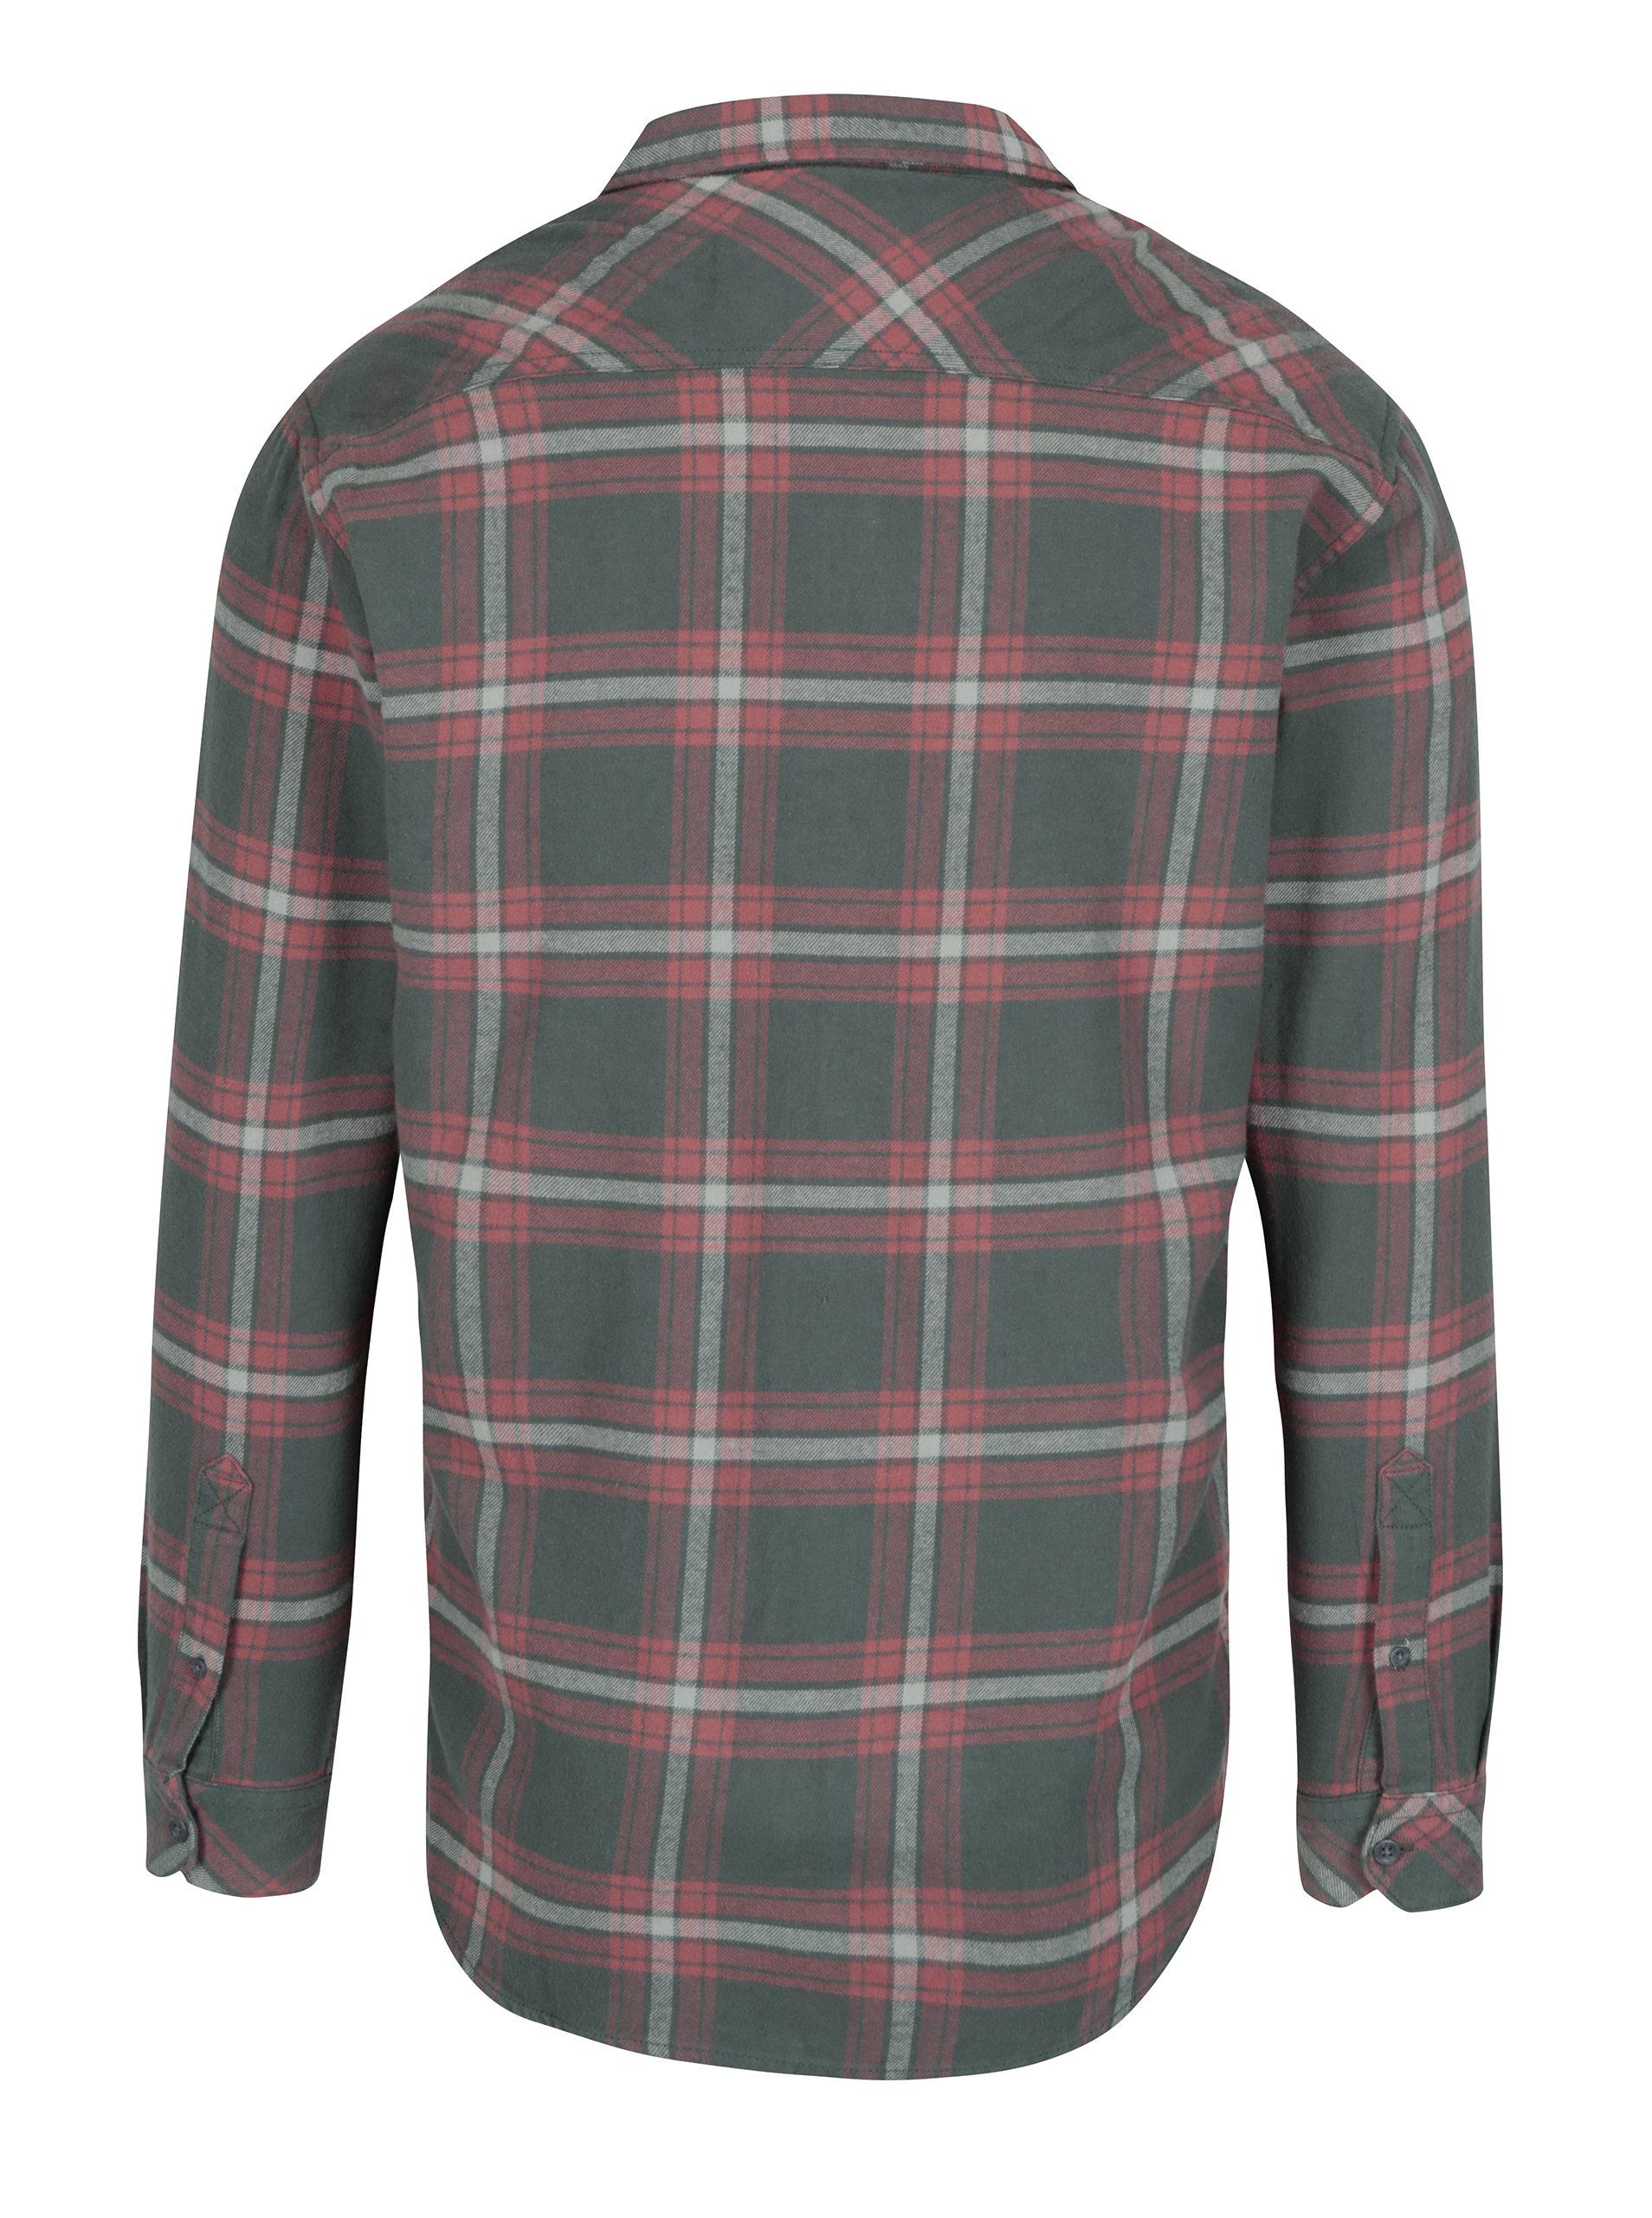 b656ba857acd Zeleno-červená pánska flanelová modern fit košeľa Quiksilver ...